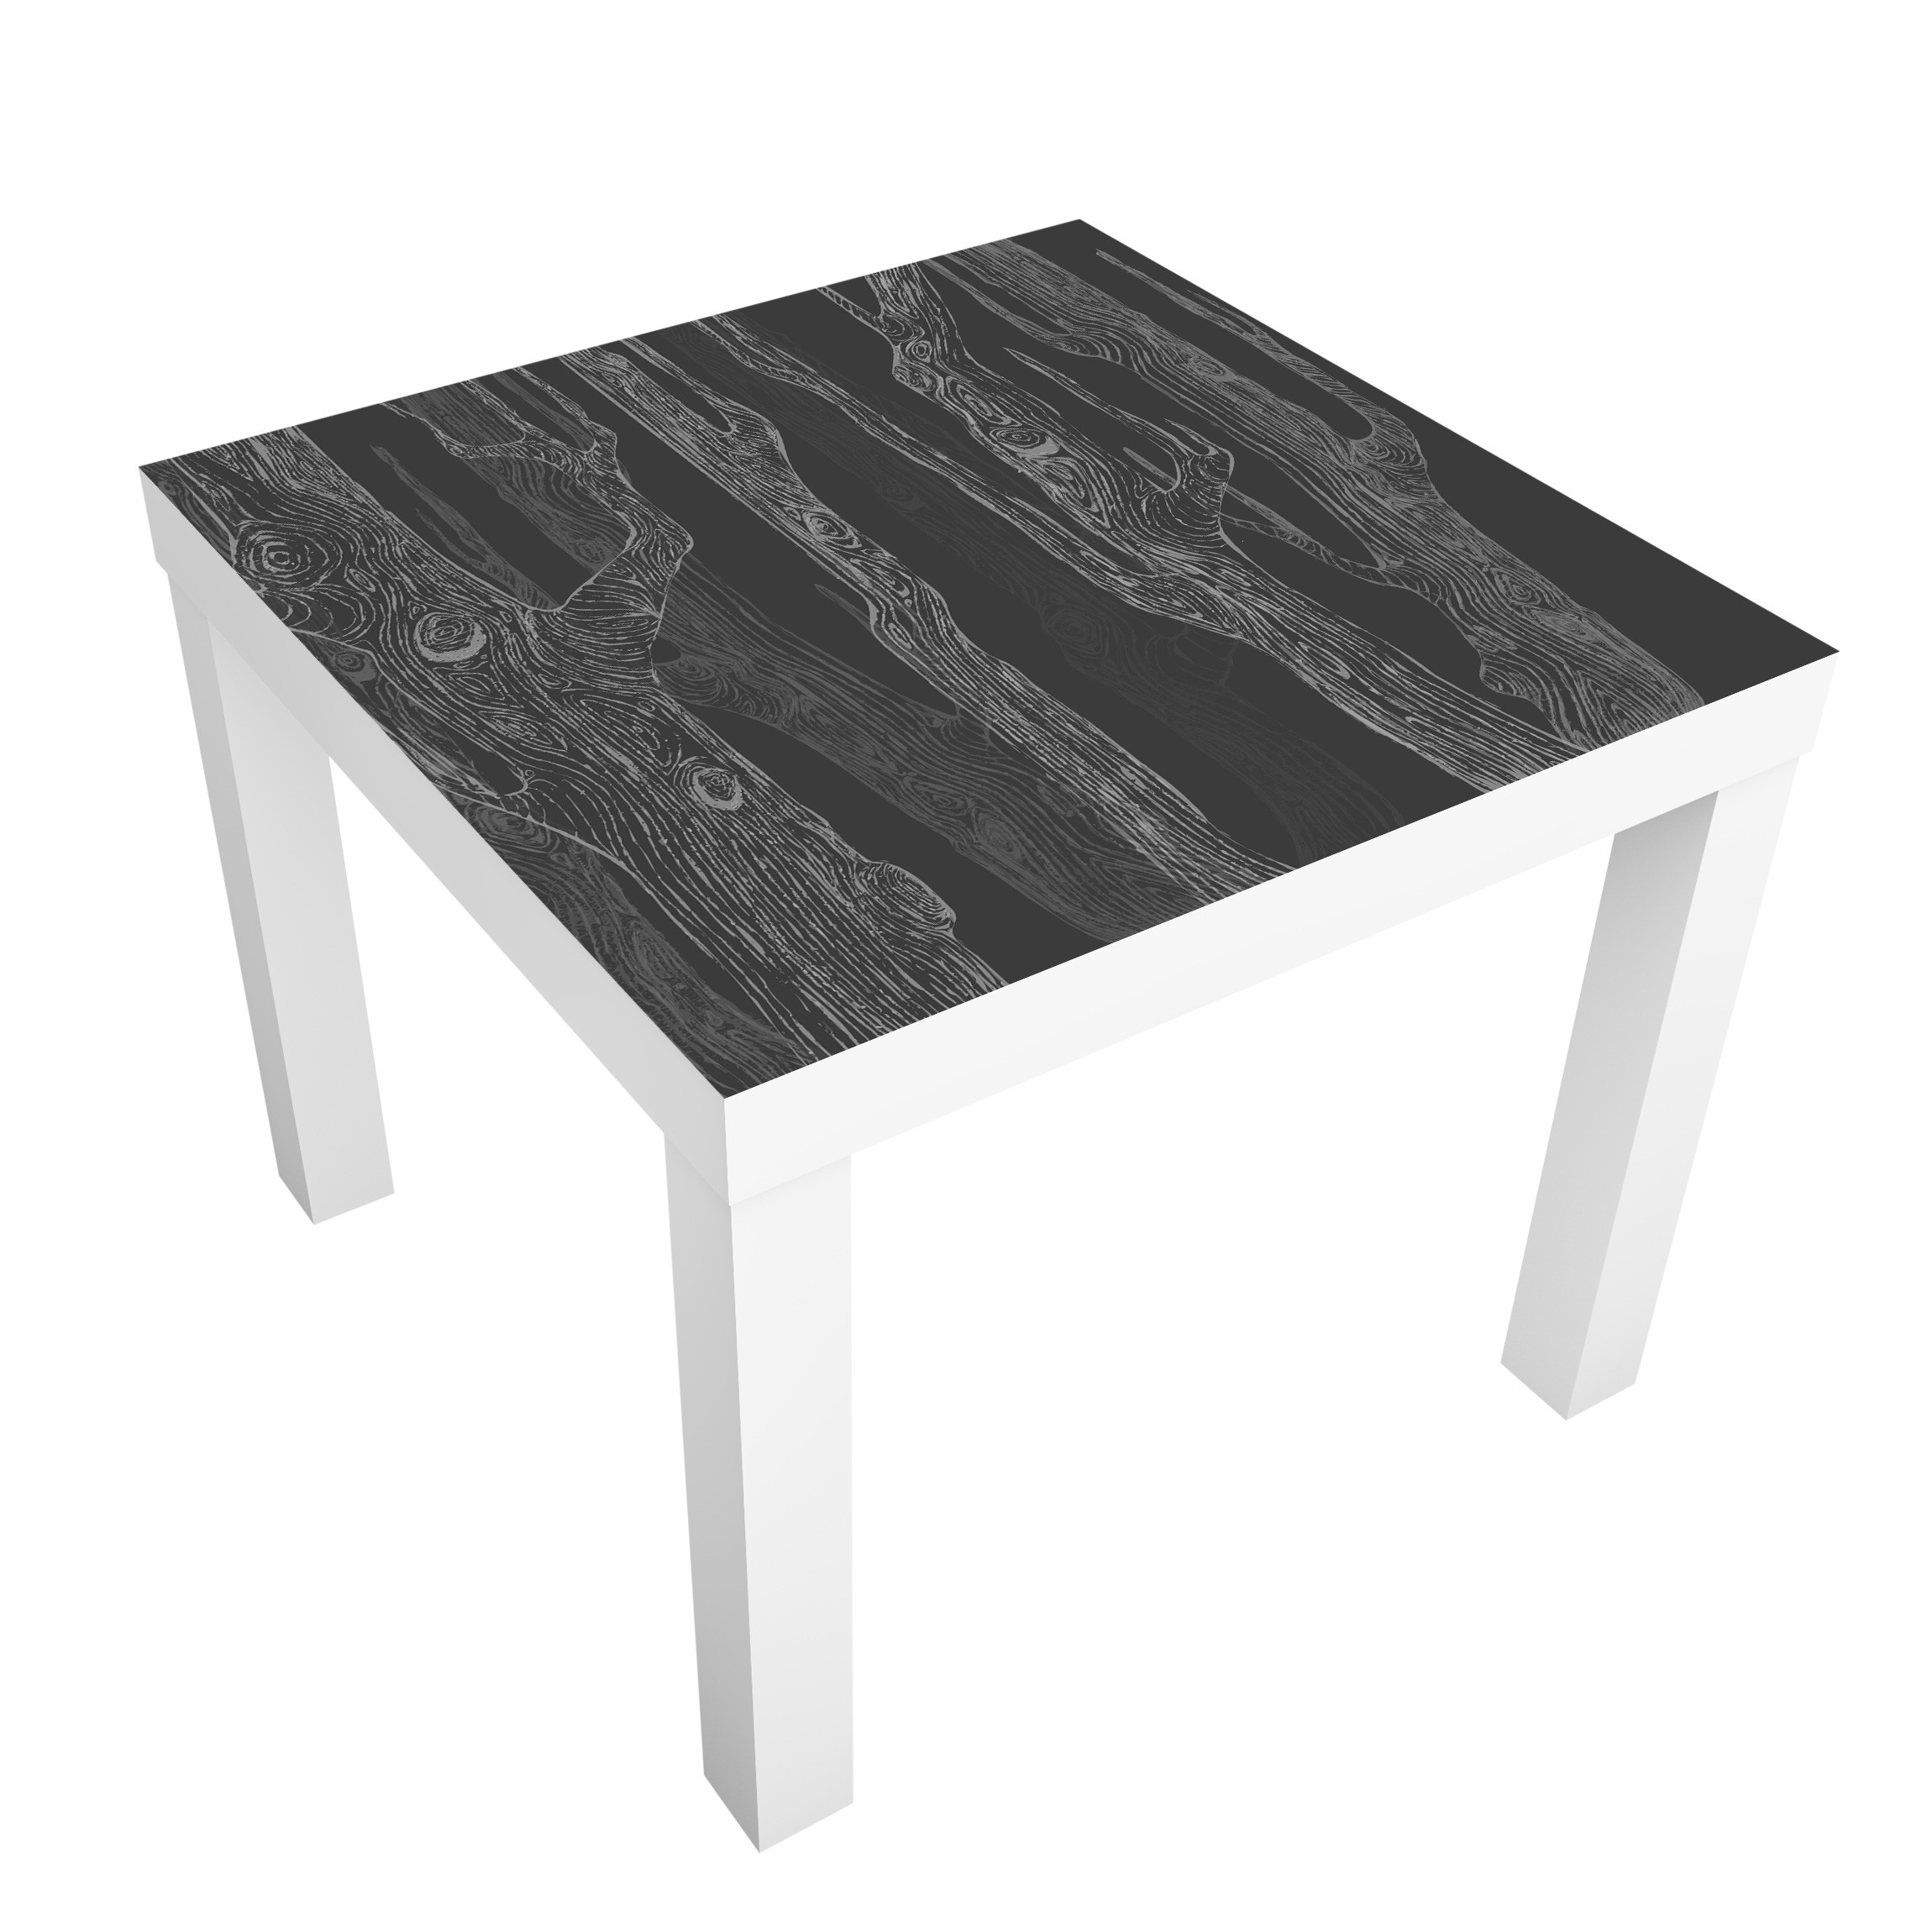 Carta adesiva per mobili ikea lack tavolino no mw20 living forest anthracite gray - Ikea lack tavolino ...